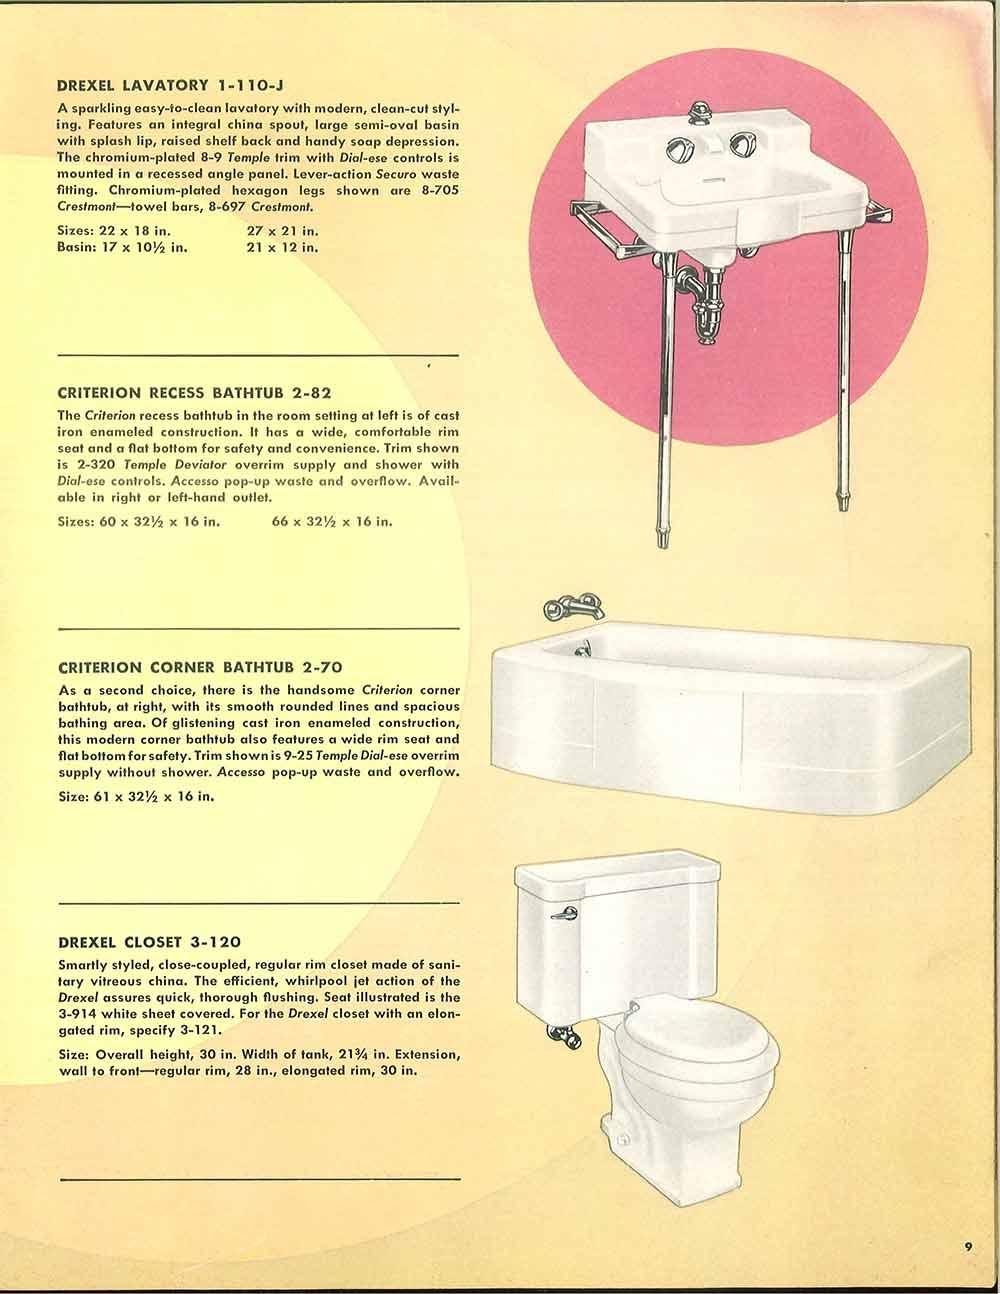 crane drexel faucet handles crane drexel faucet handles 24 pages of vintage bathroom design ideas from crane 1949 1000 x 1294